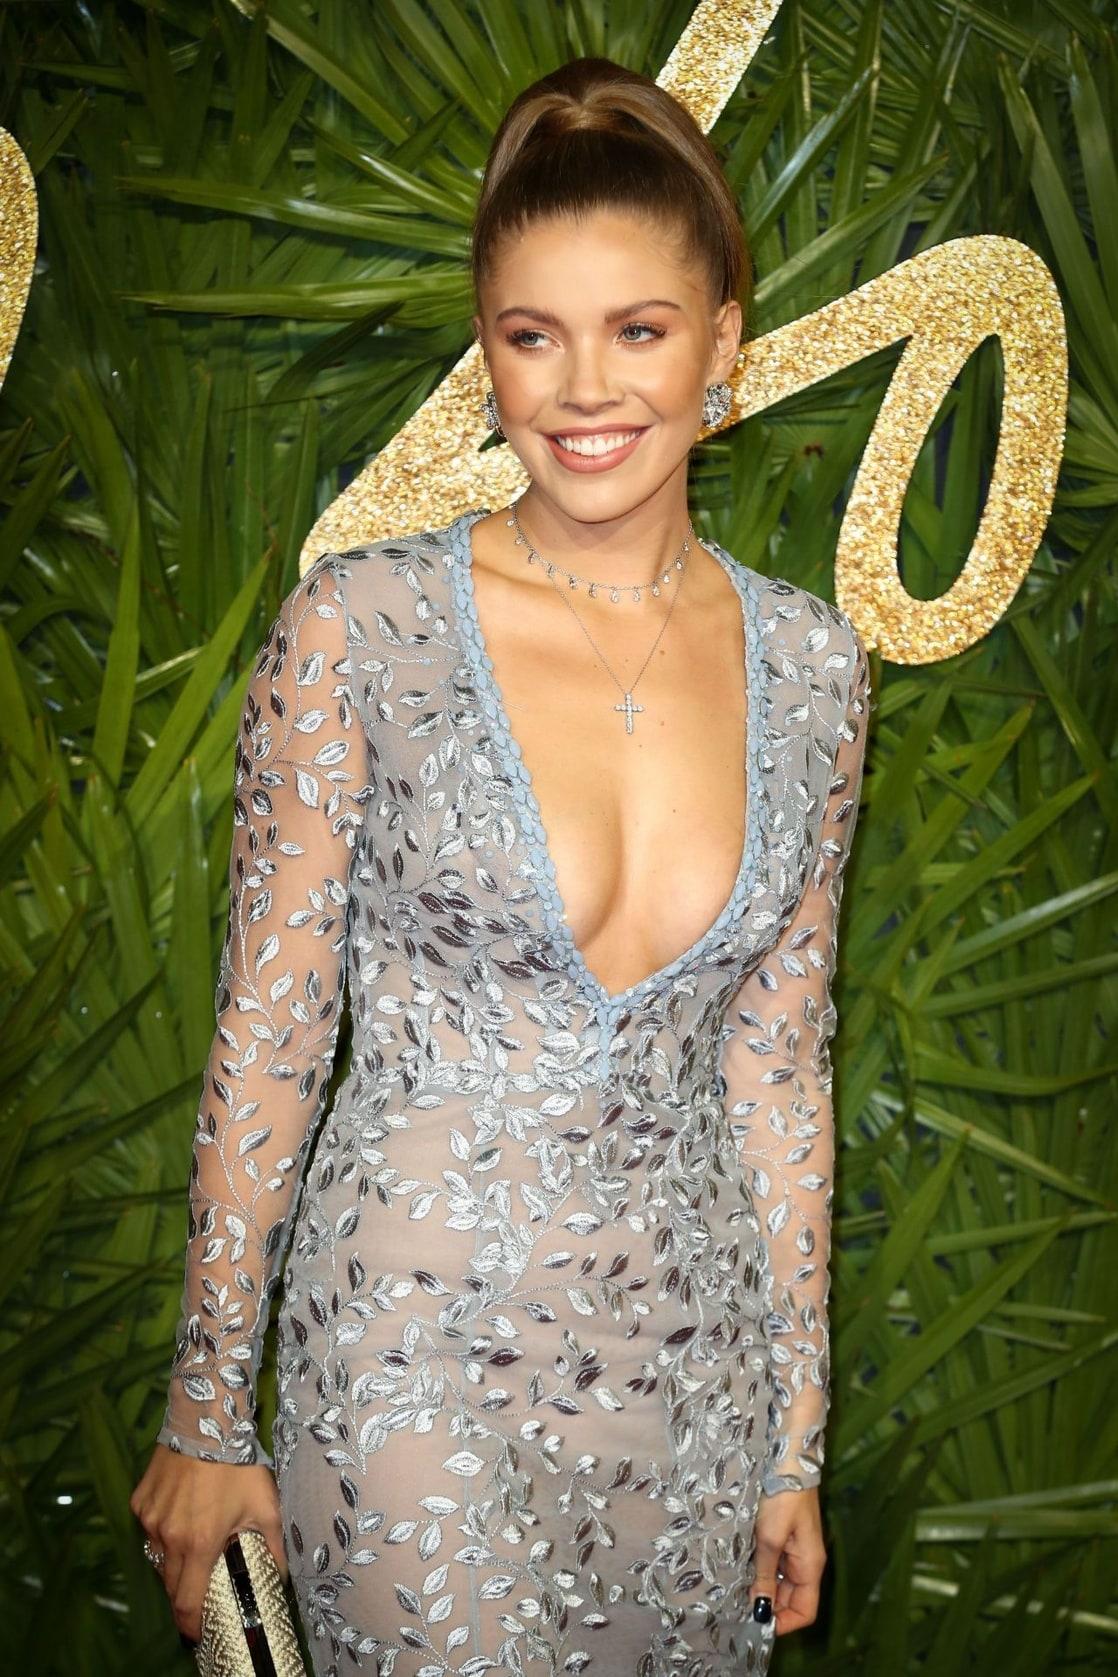 Photos Victoria Swarovski nudes (61 photos), Tits, Leaked, Boobs, swimsuit 2020